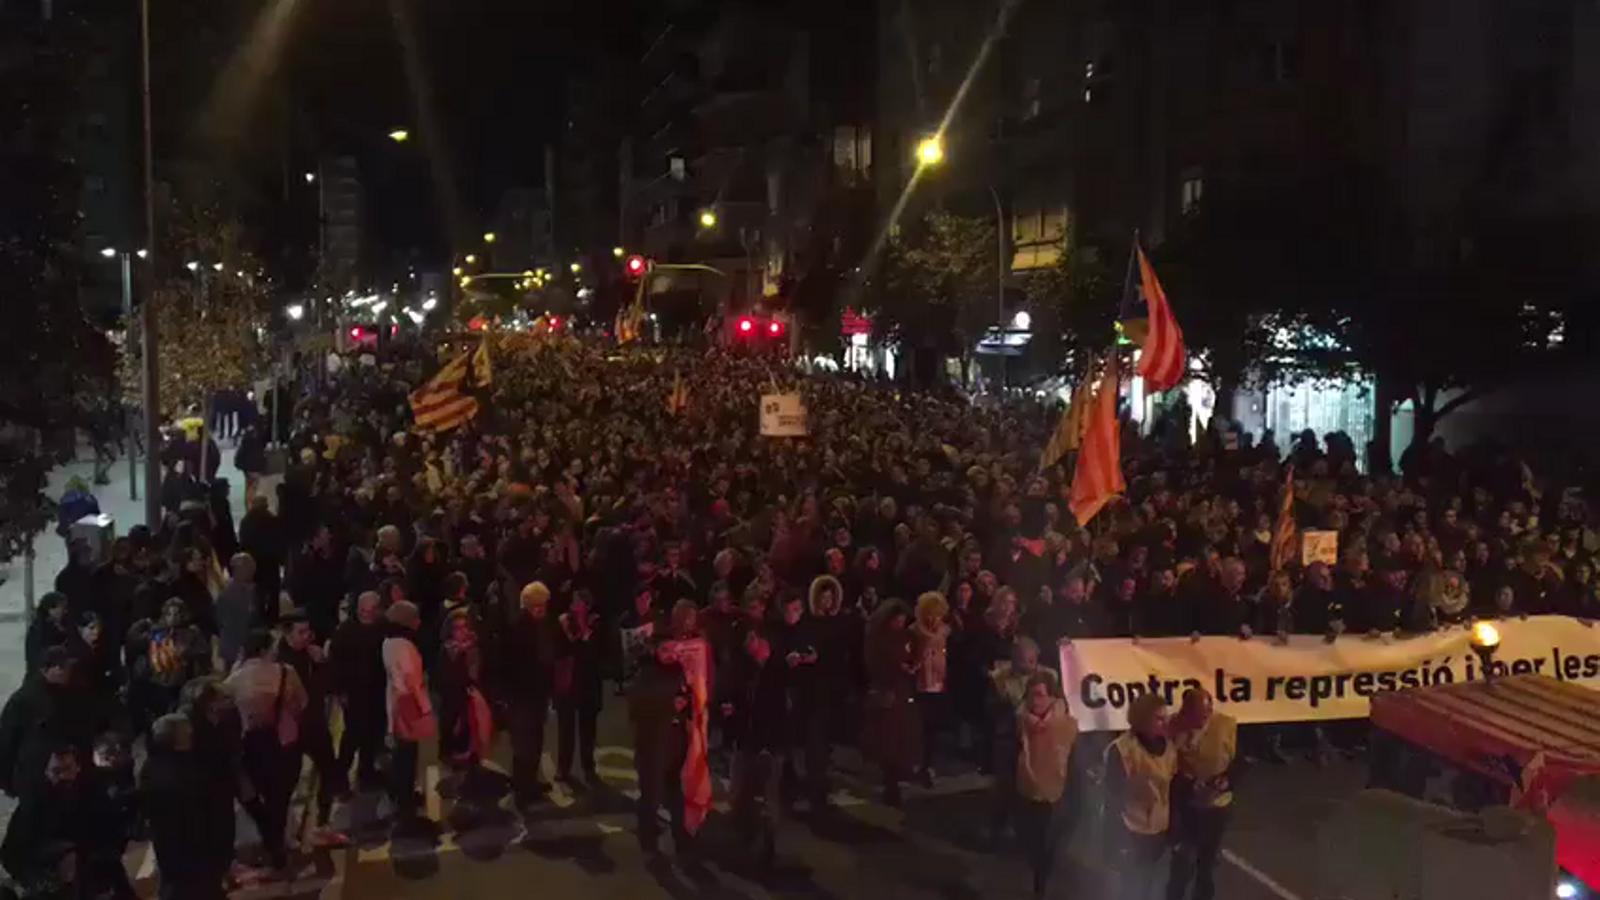 Vídeo: No esteu sols. Milers de persones es manifesten a #Lleida per la llibertat